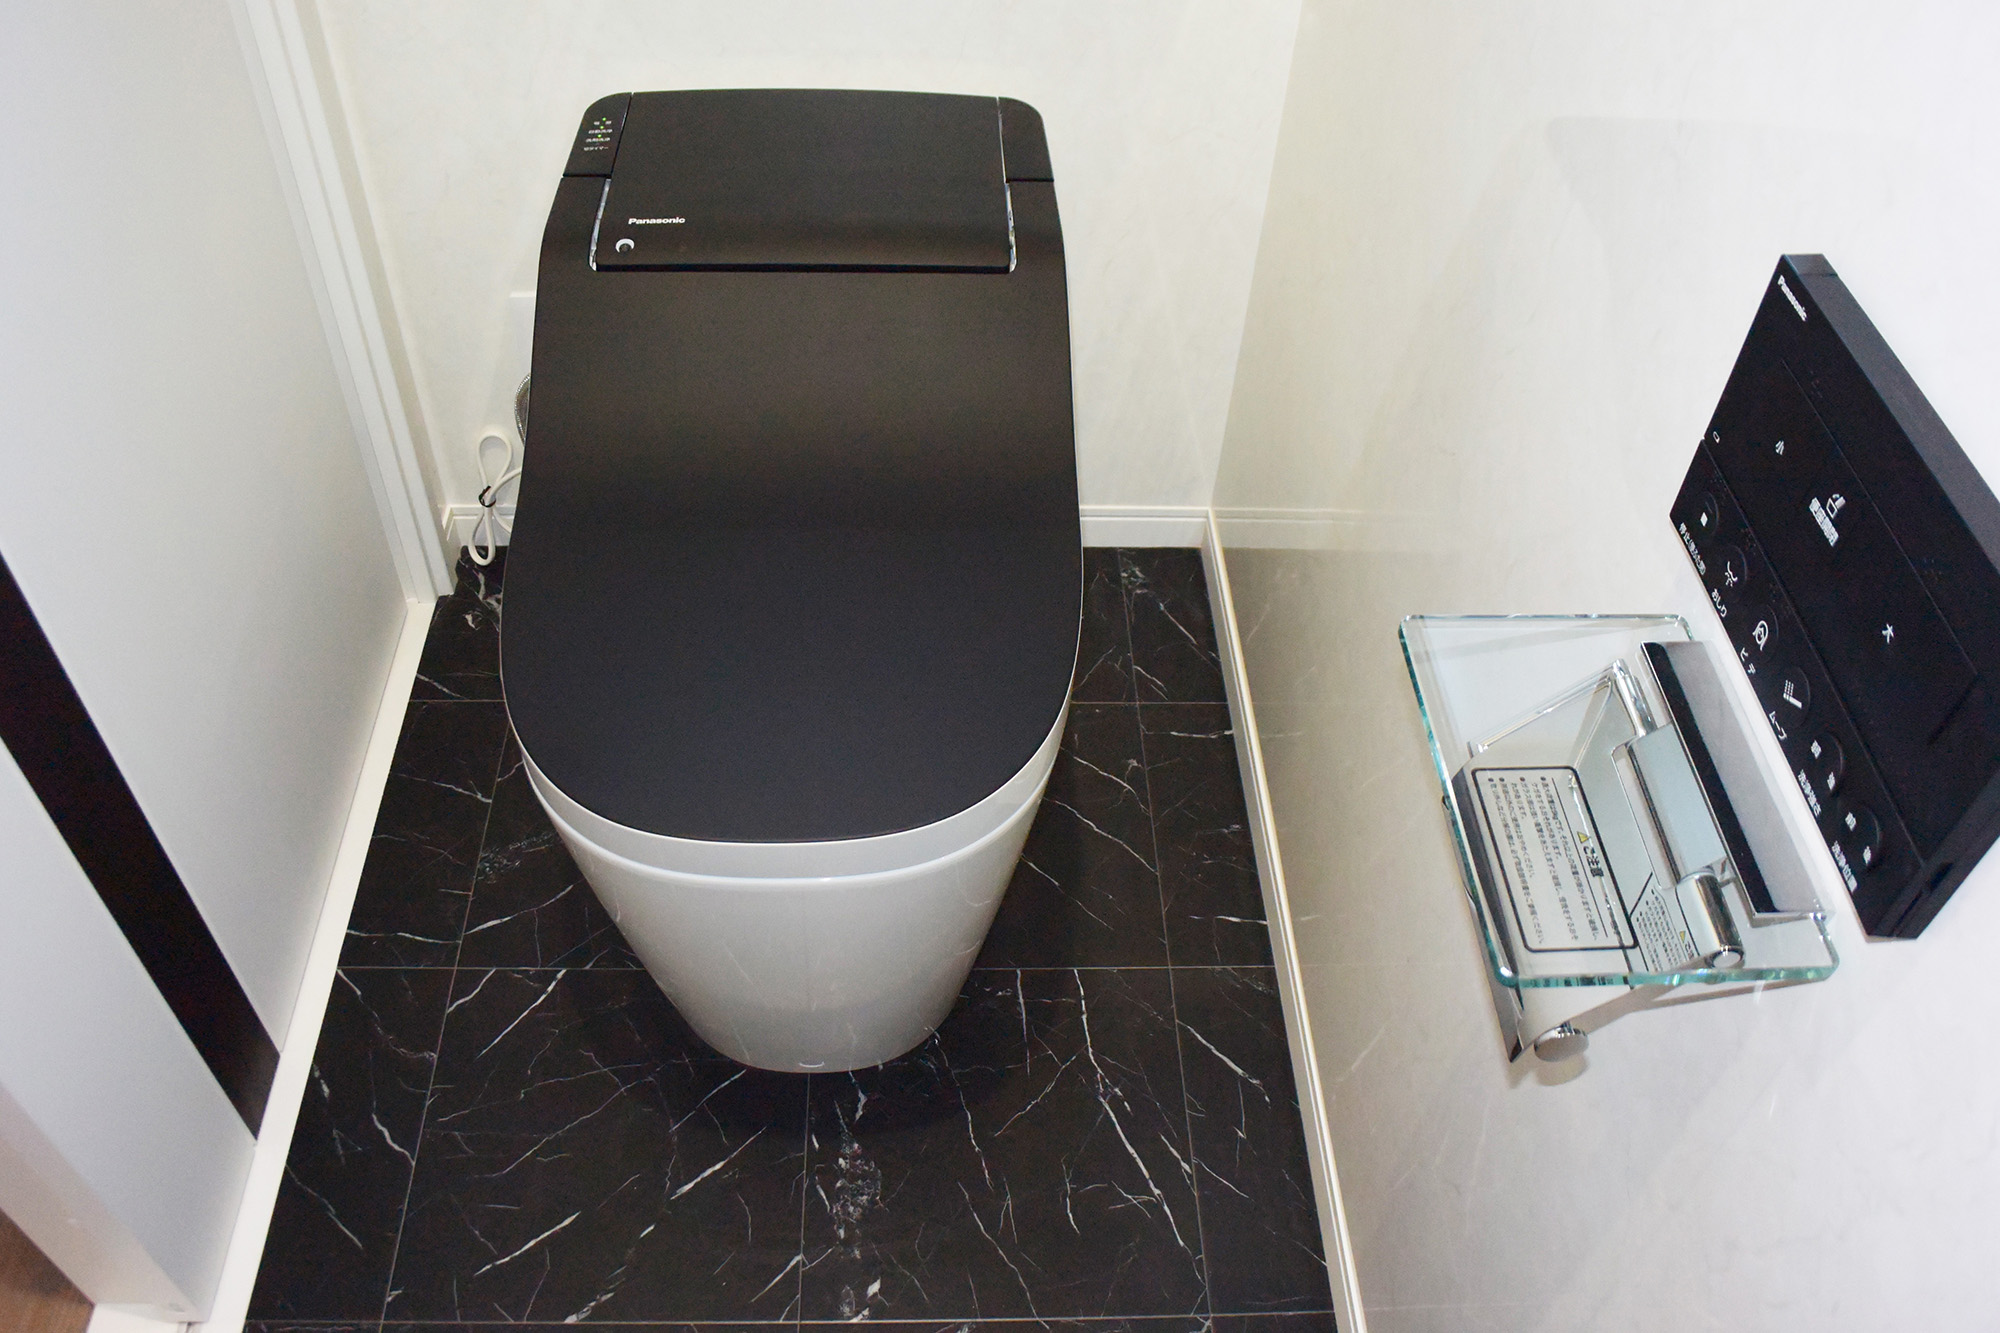 トイレの壁面はお掃除がしやすいタフウオールです。